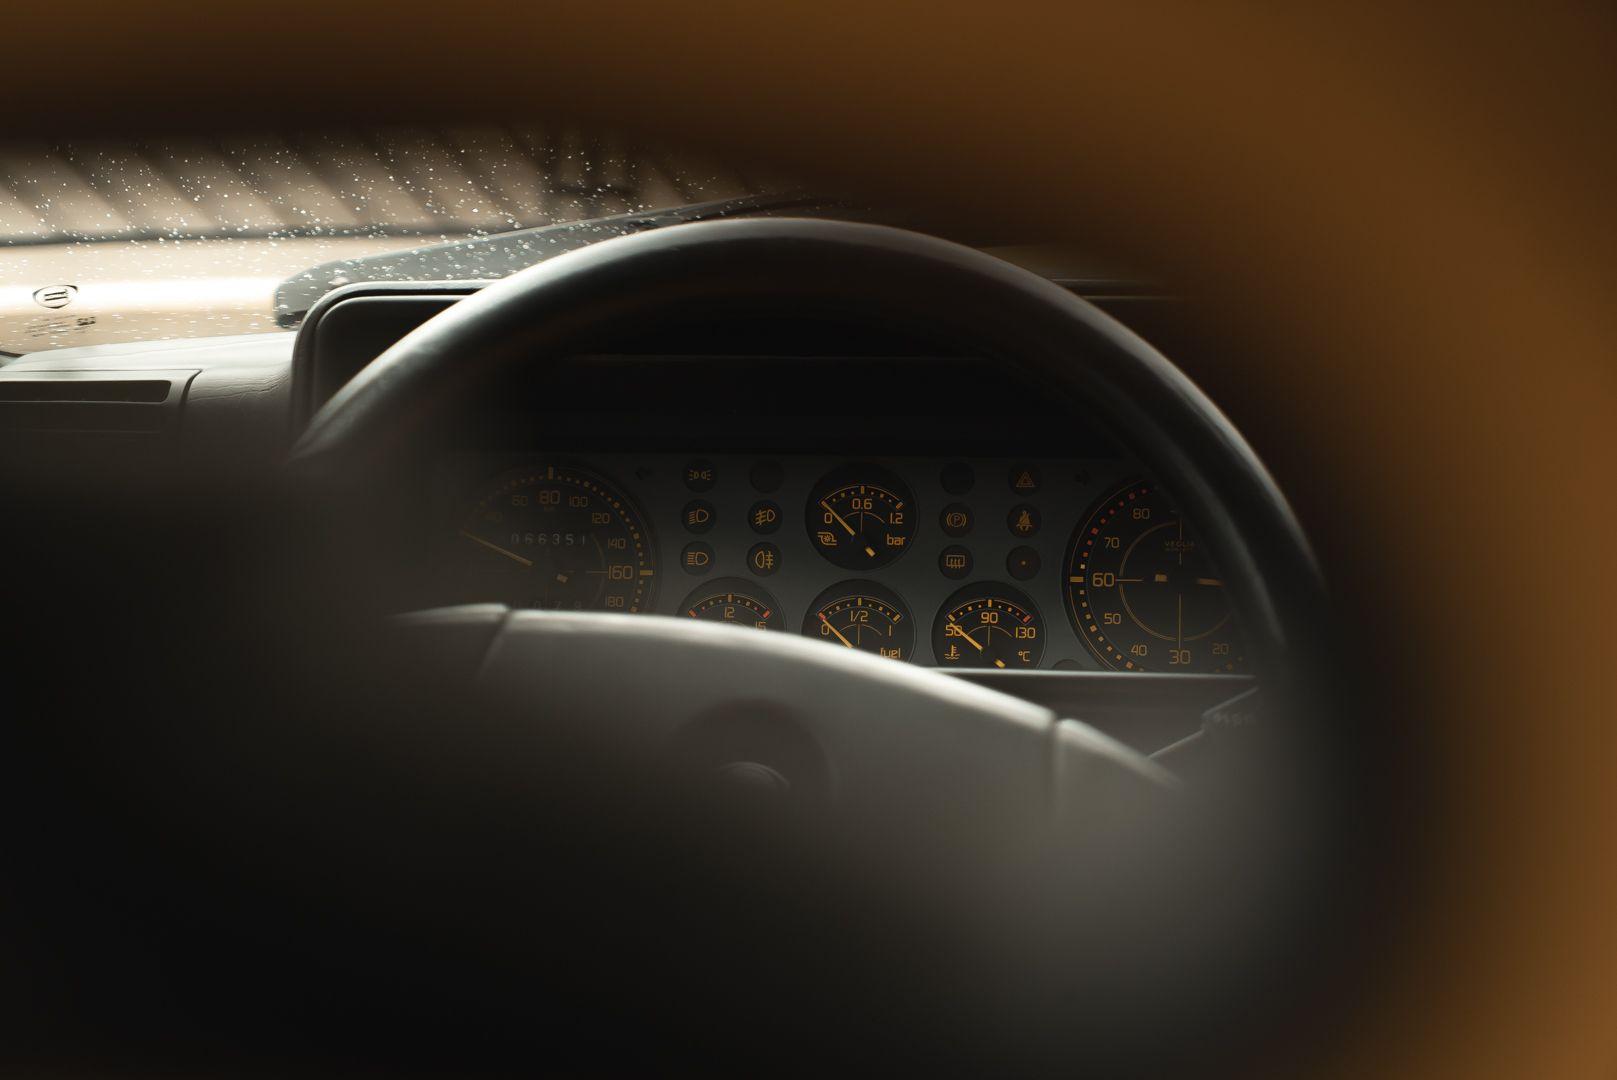 1992 Lancia Delta HF Integrale 16V Evo 1 - 79/250 84833